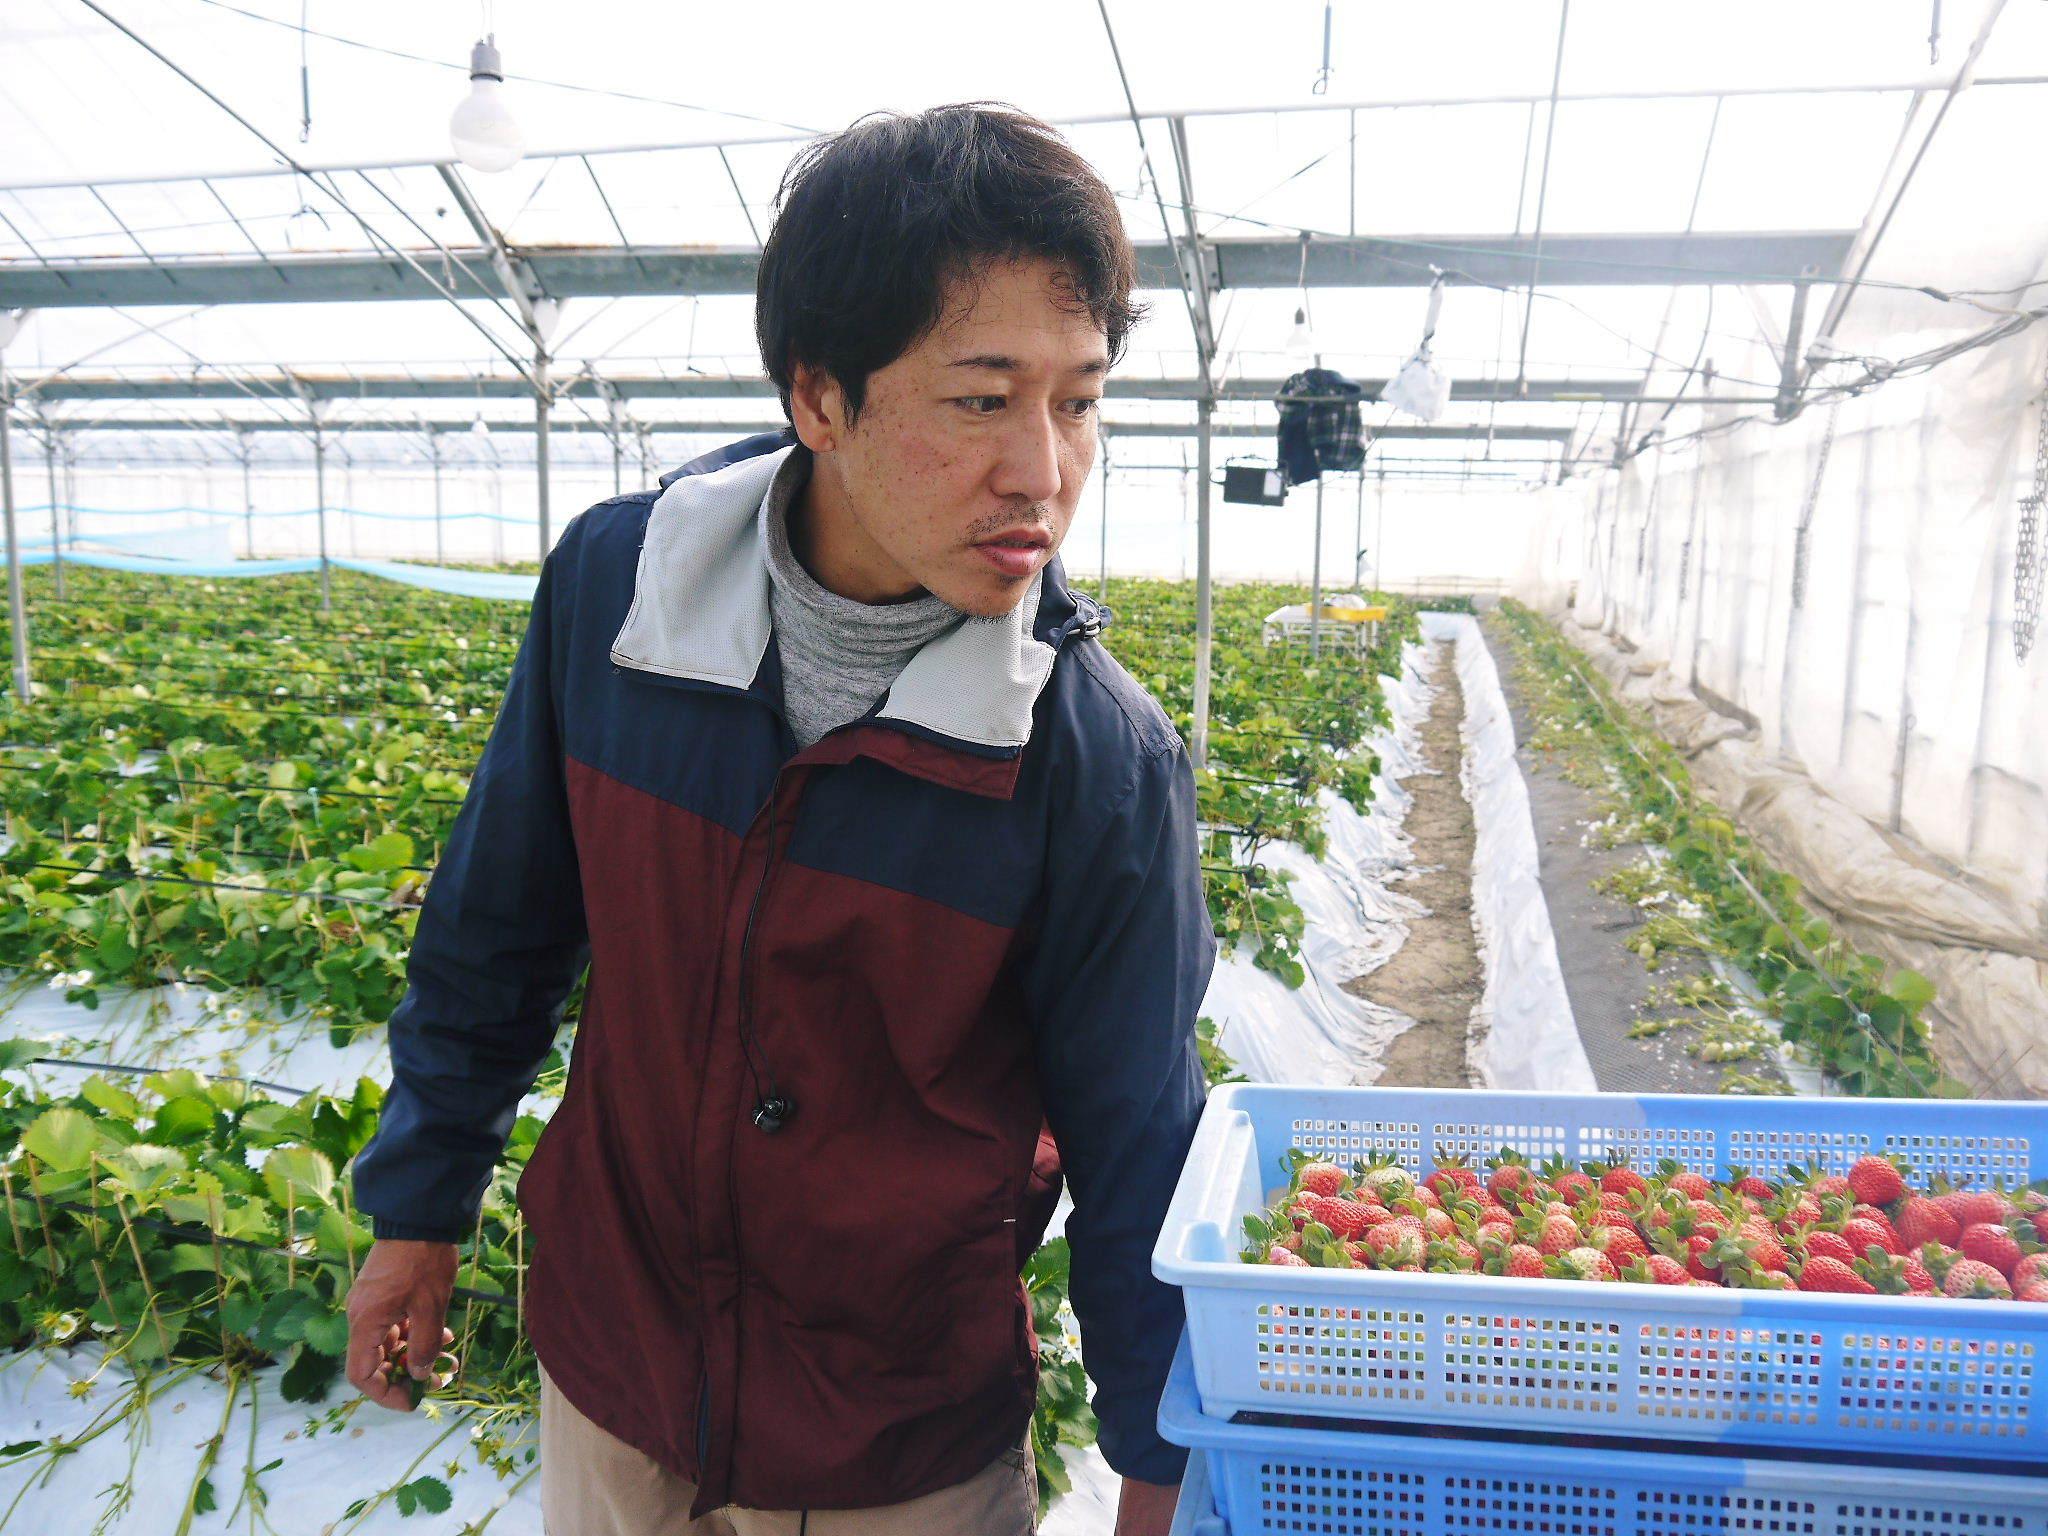 熊本限定栽培品種のイチゴ『熊紅(ゆうべに)』 大好評に付、は少々お待たせする場合がございます!_a0254656_17570065.jpg